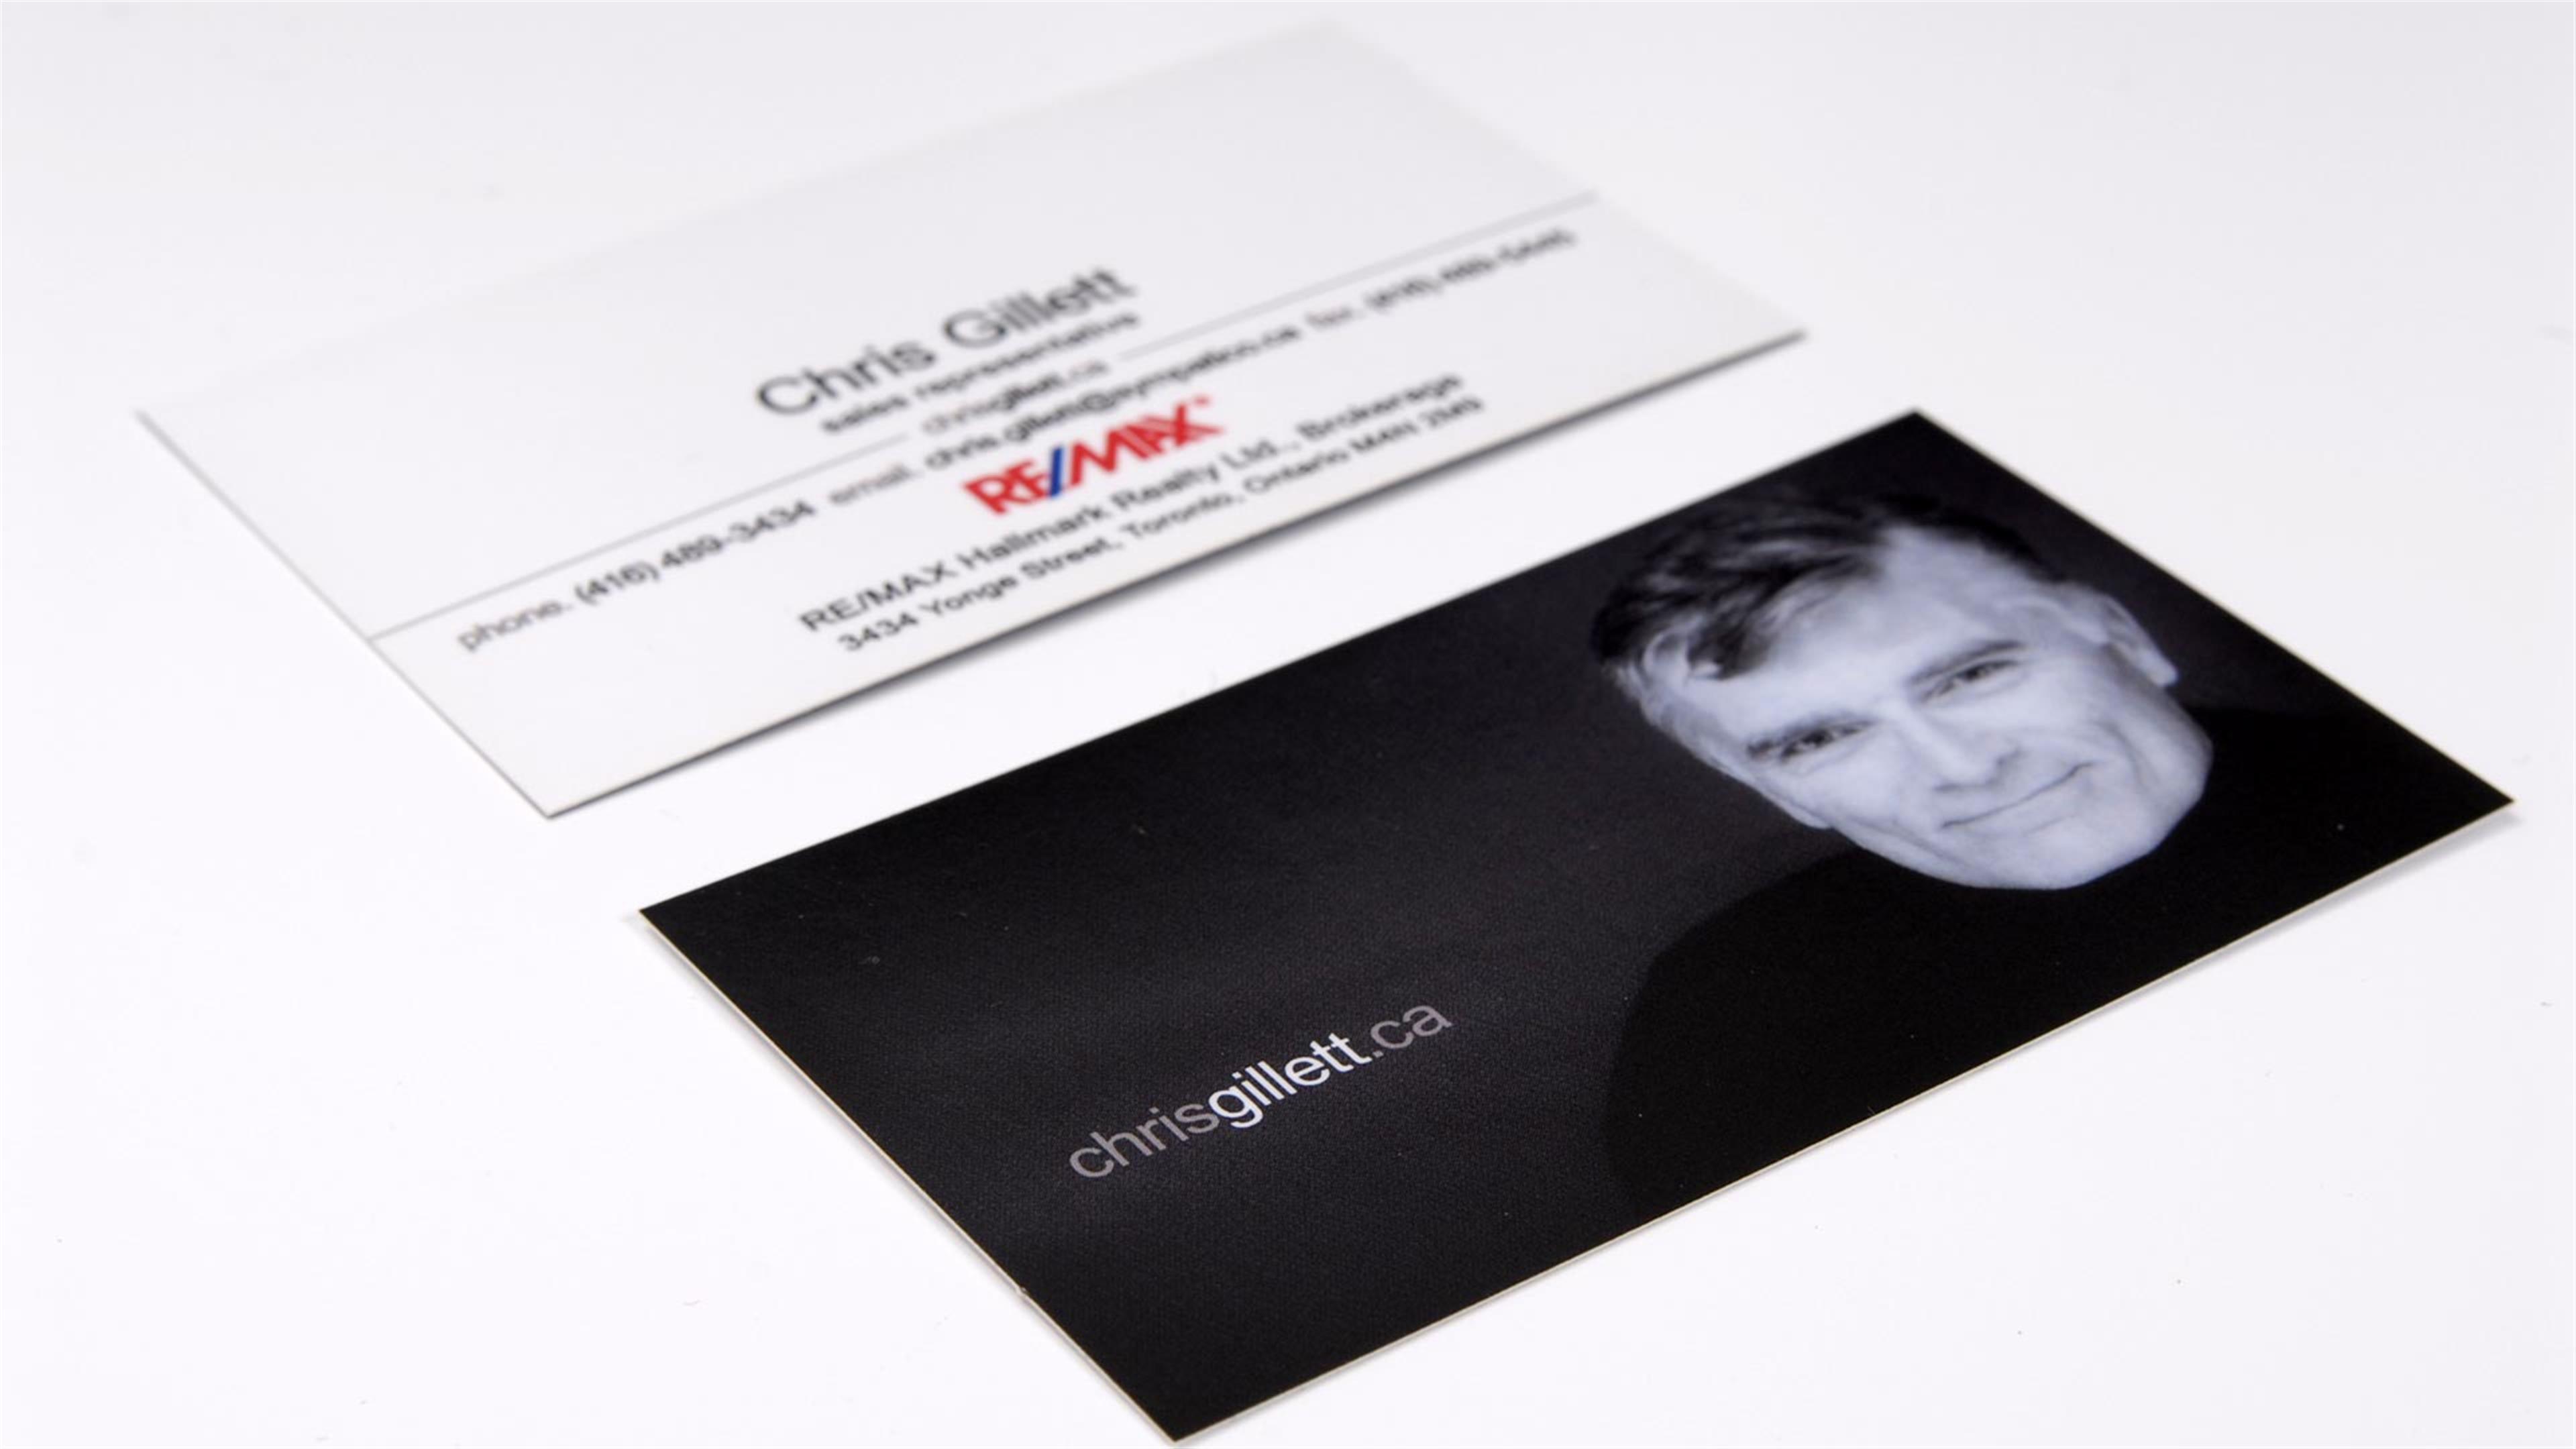 ChrisGillett